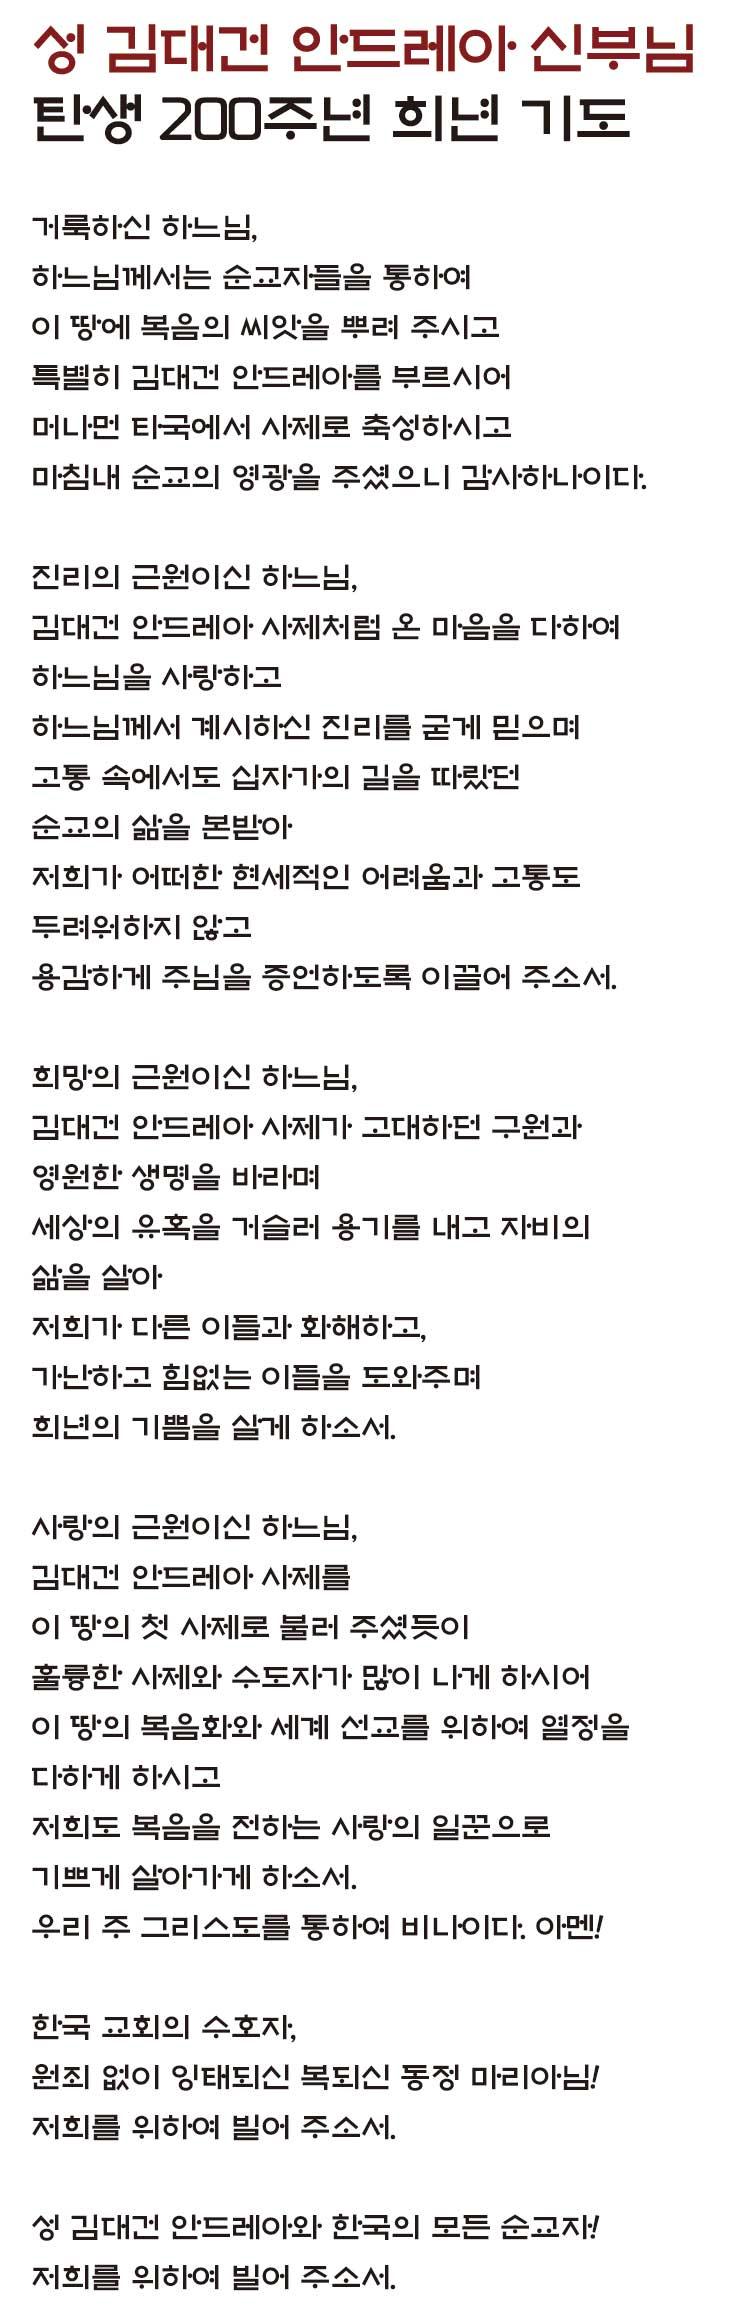 성 김대건 안드레아 신부님 탄생 200주년 희년